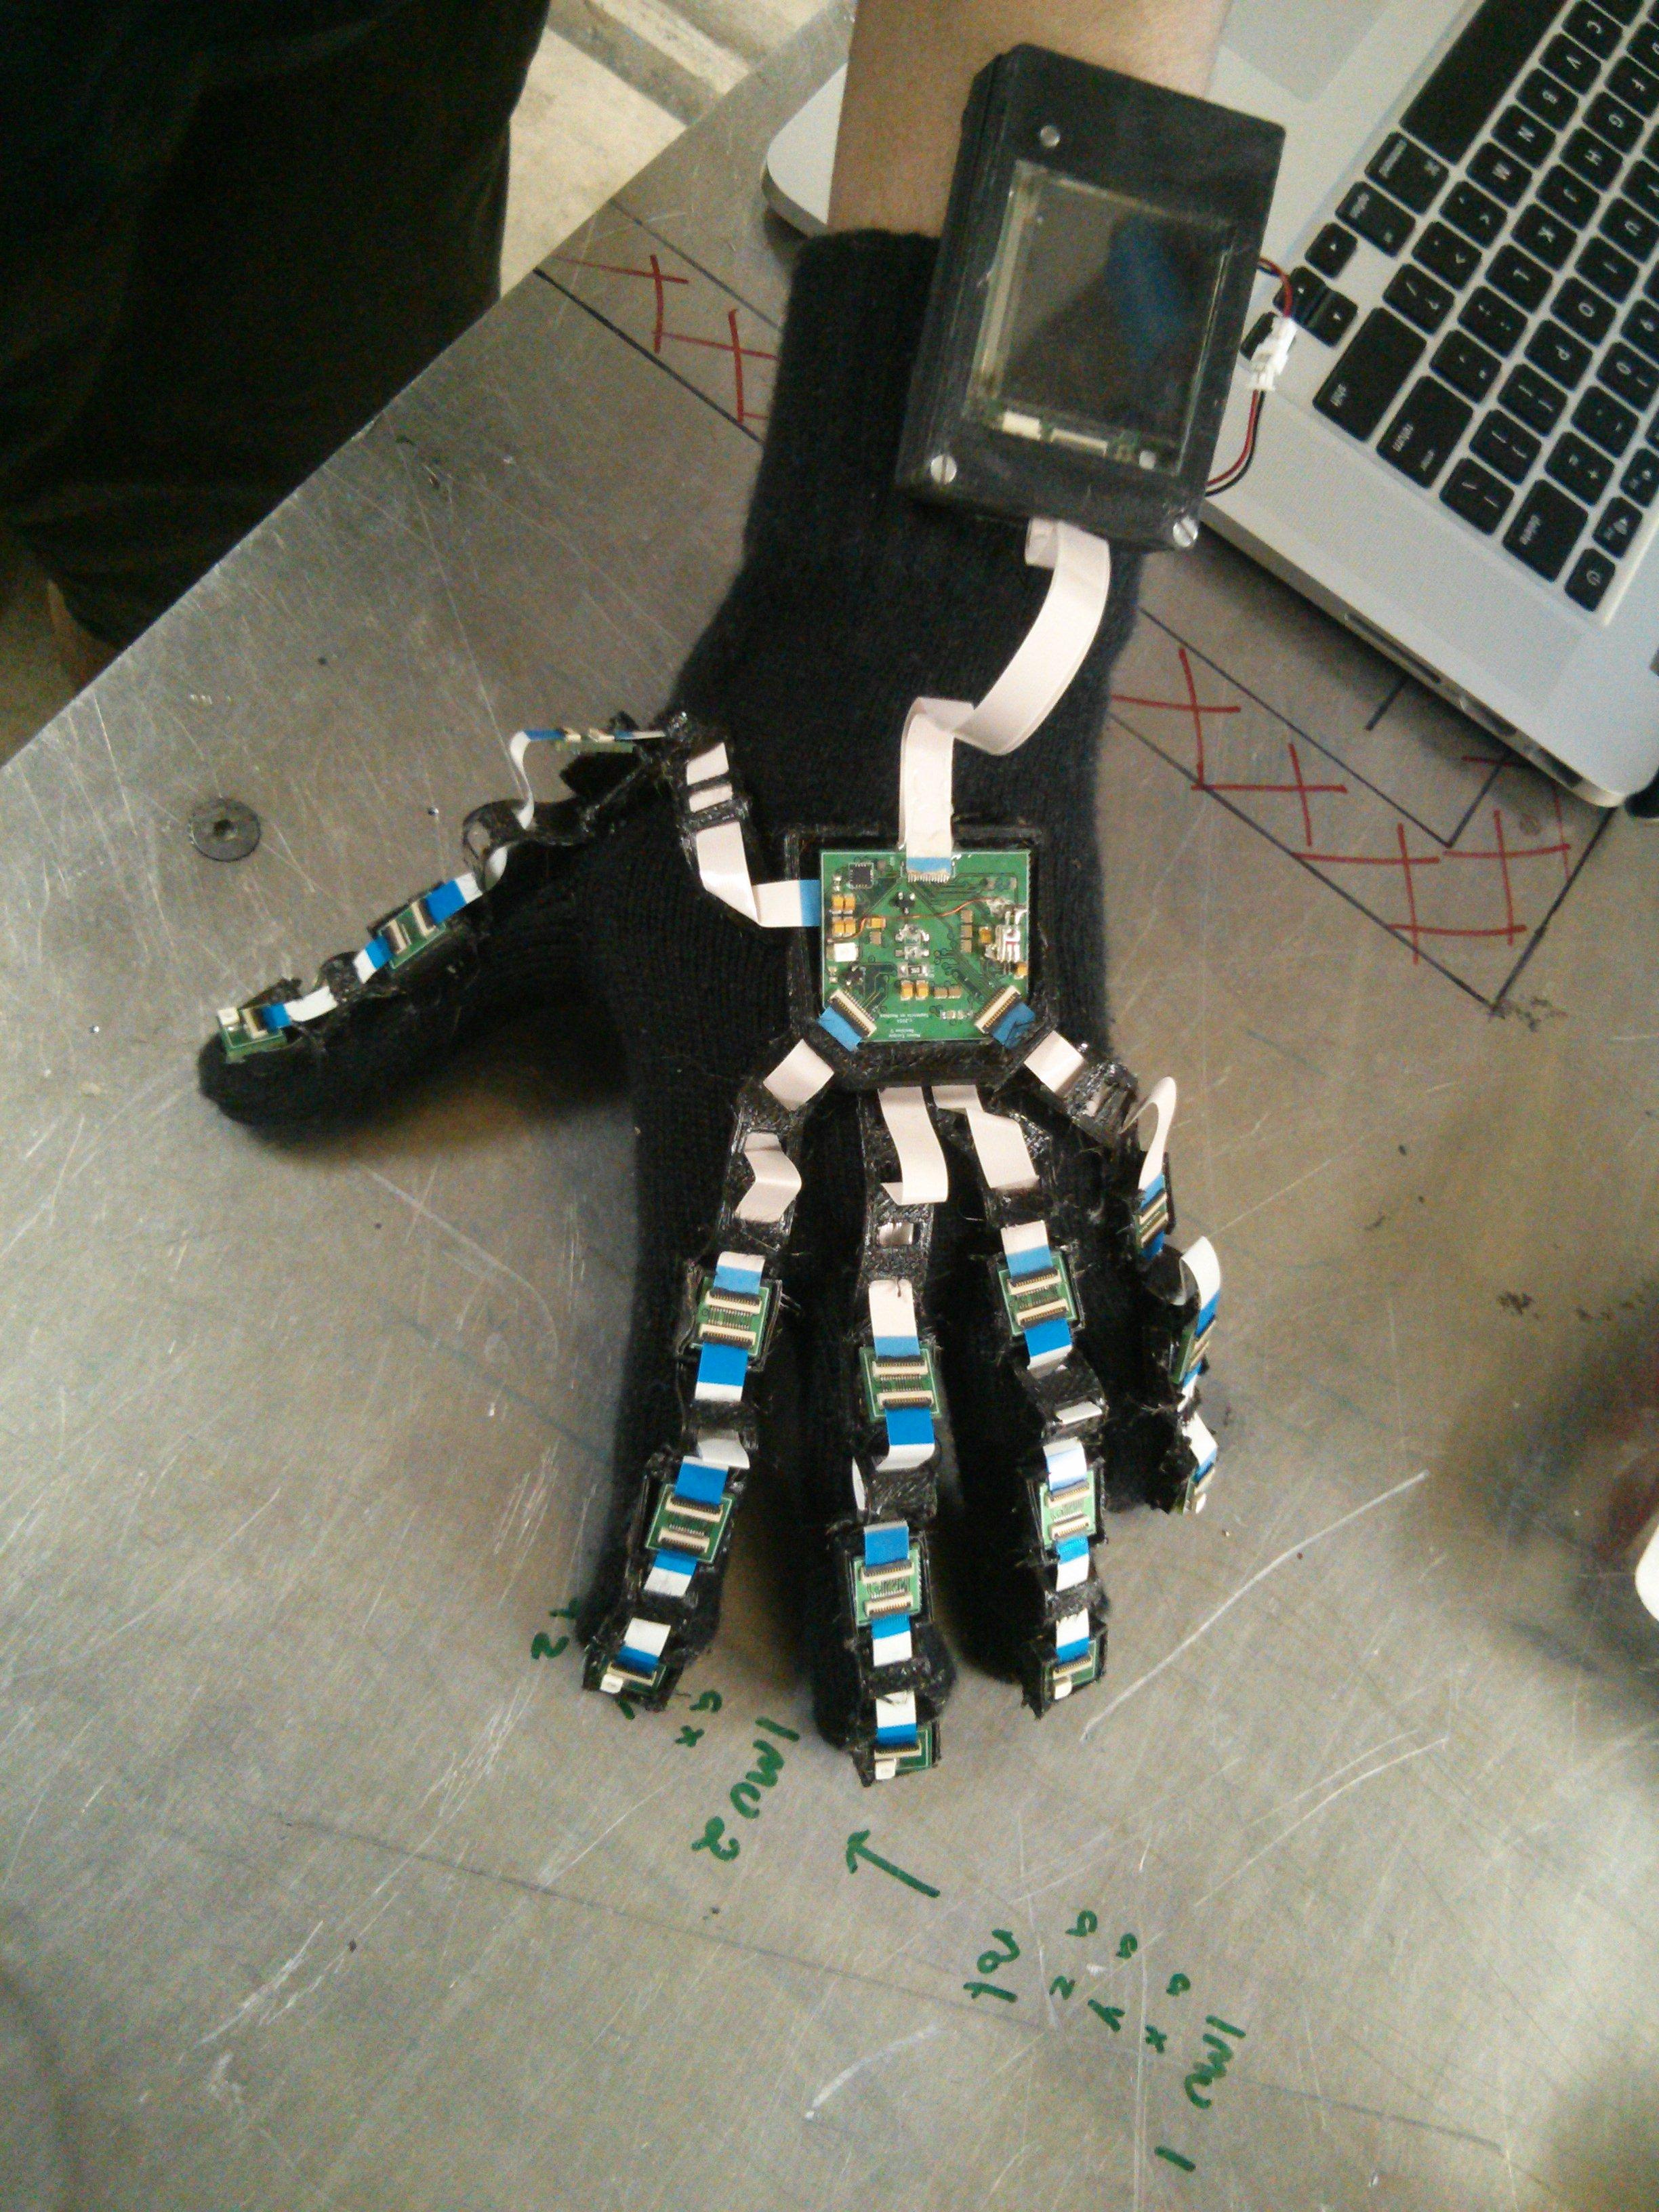 Glove-being-worn0